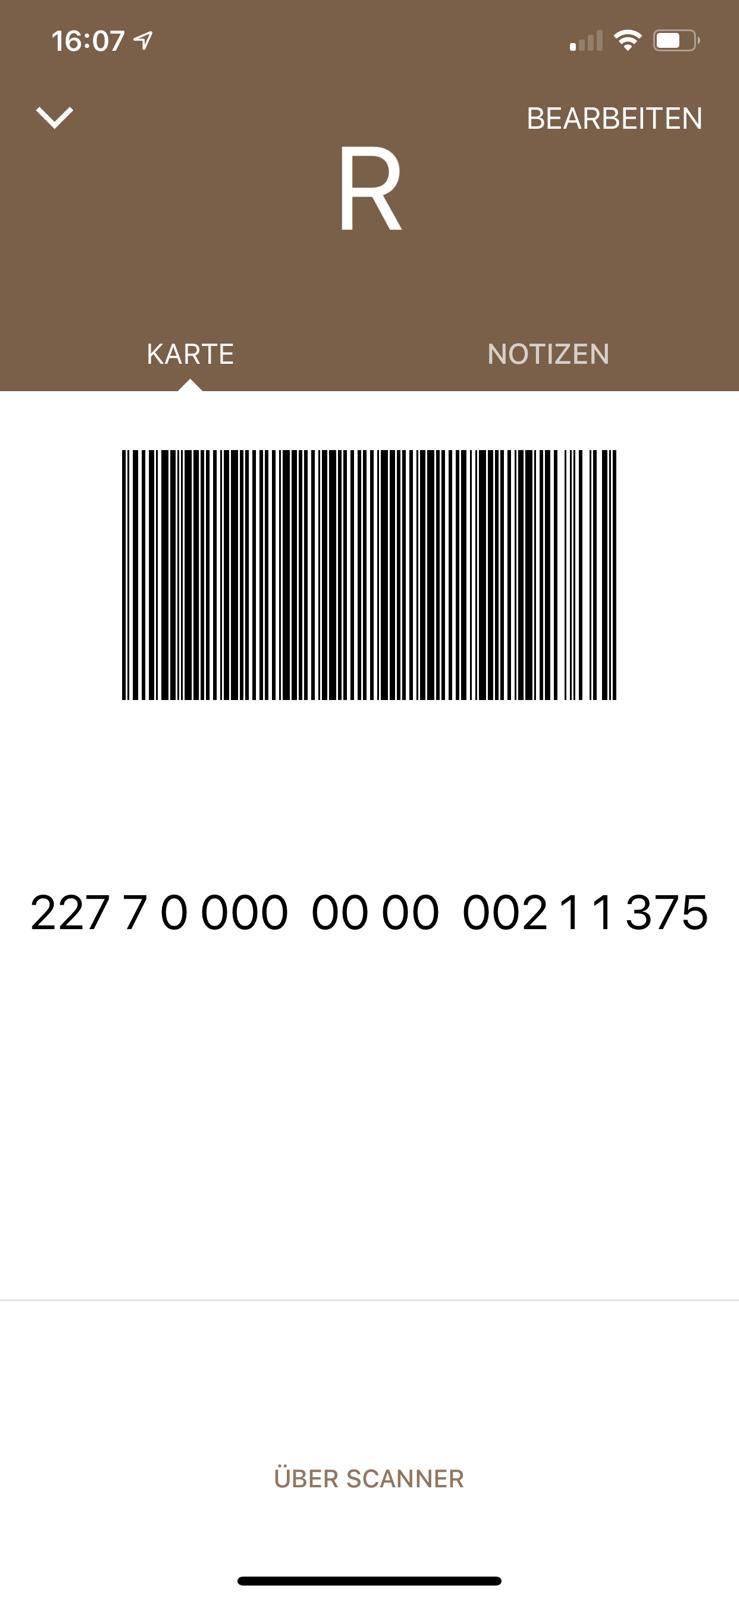 23424264-5HTn2.jpg